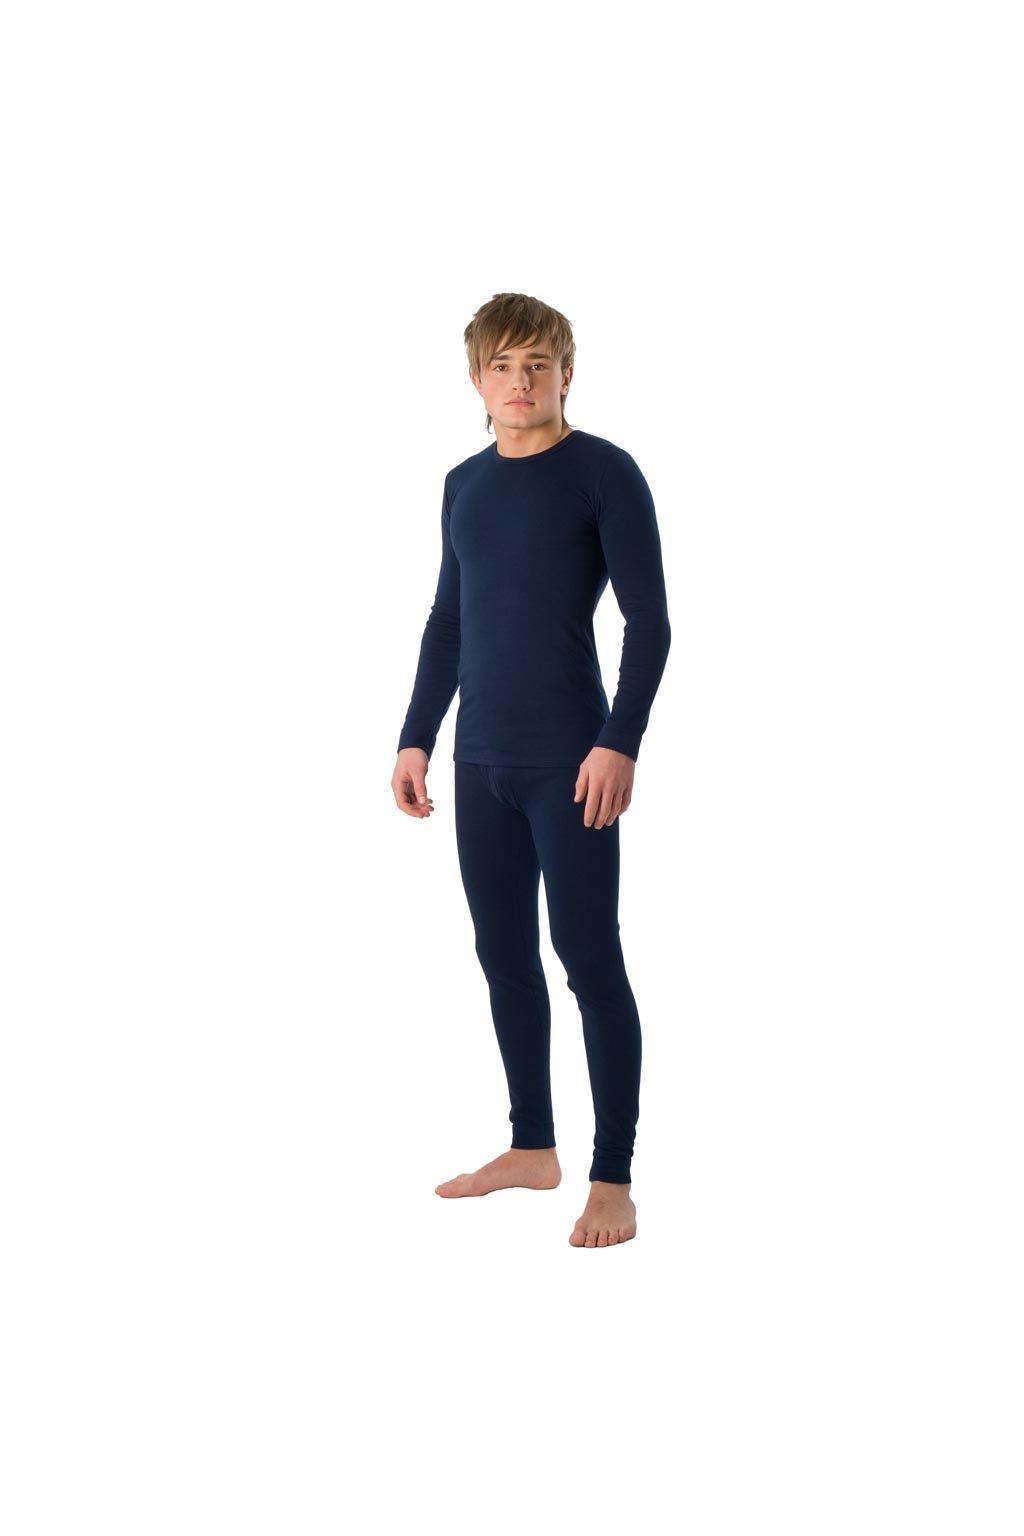 Chlapecké tričko s dlouhým rukávem YOUNG FASHION, 60202 28, modrá